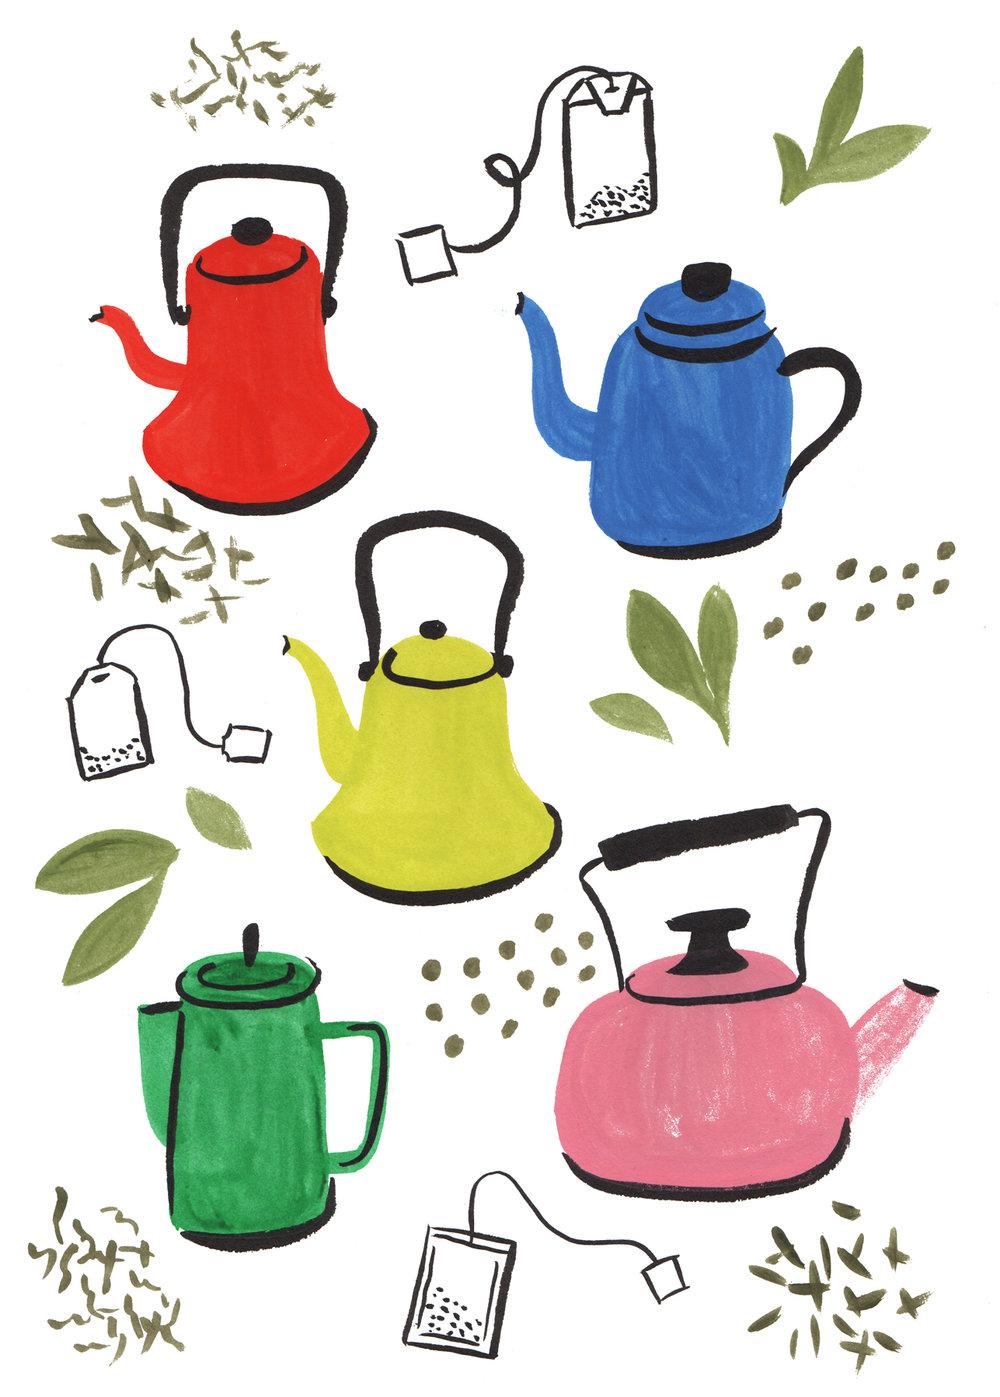 teakettlescolor.jpg